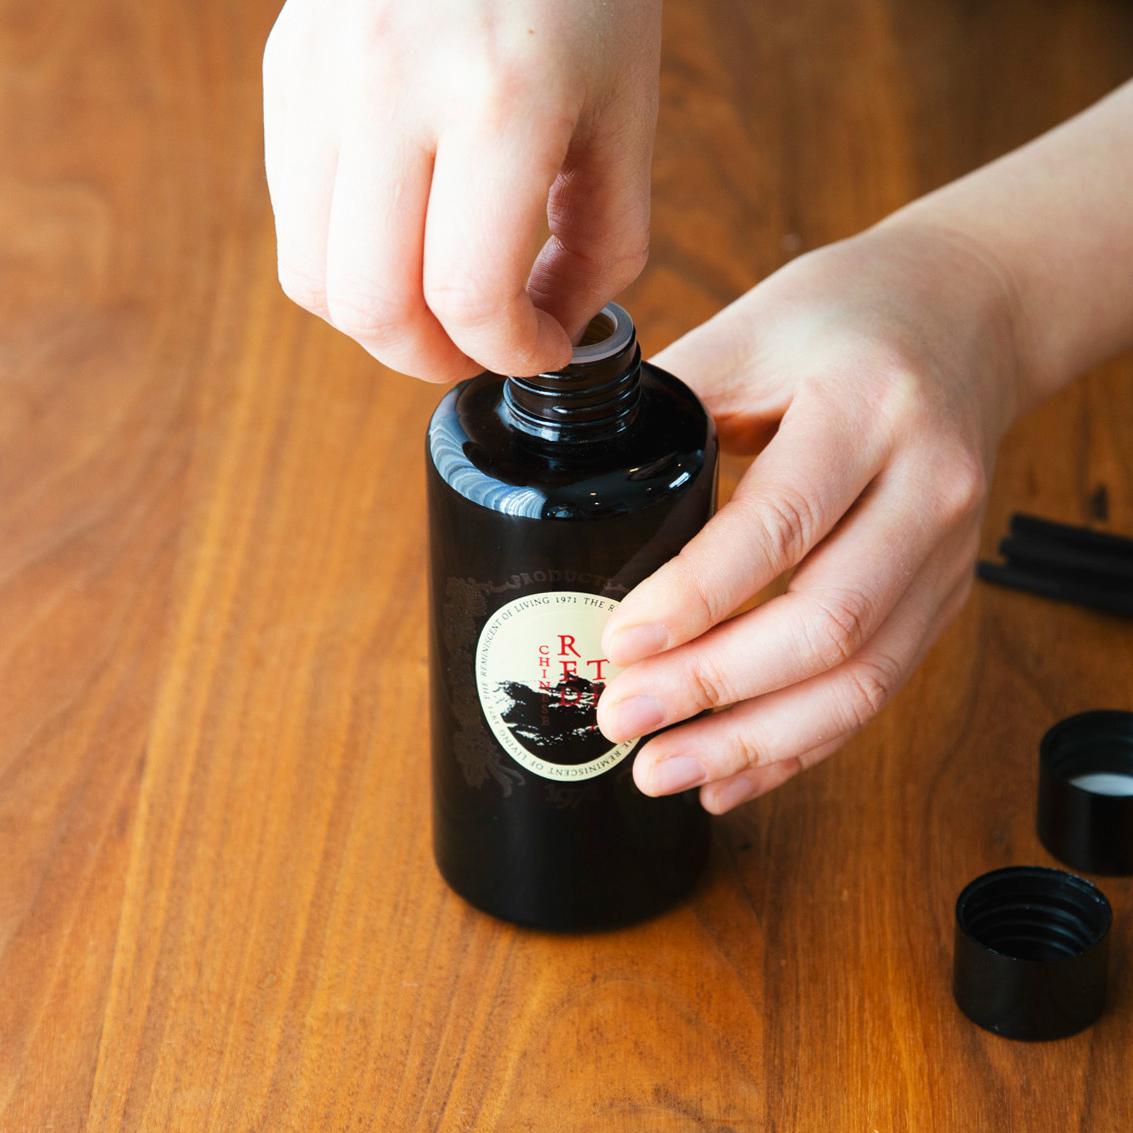 使い方|1. ボトルの蓋を開け、プラスチックの中蓋を外す。ディフューザー|タイ王室御用達のアロマブランド『KARMAKAMET(カルマカメット)』